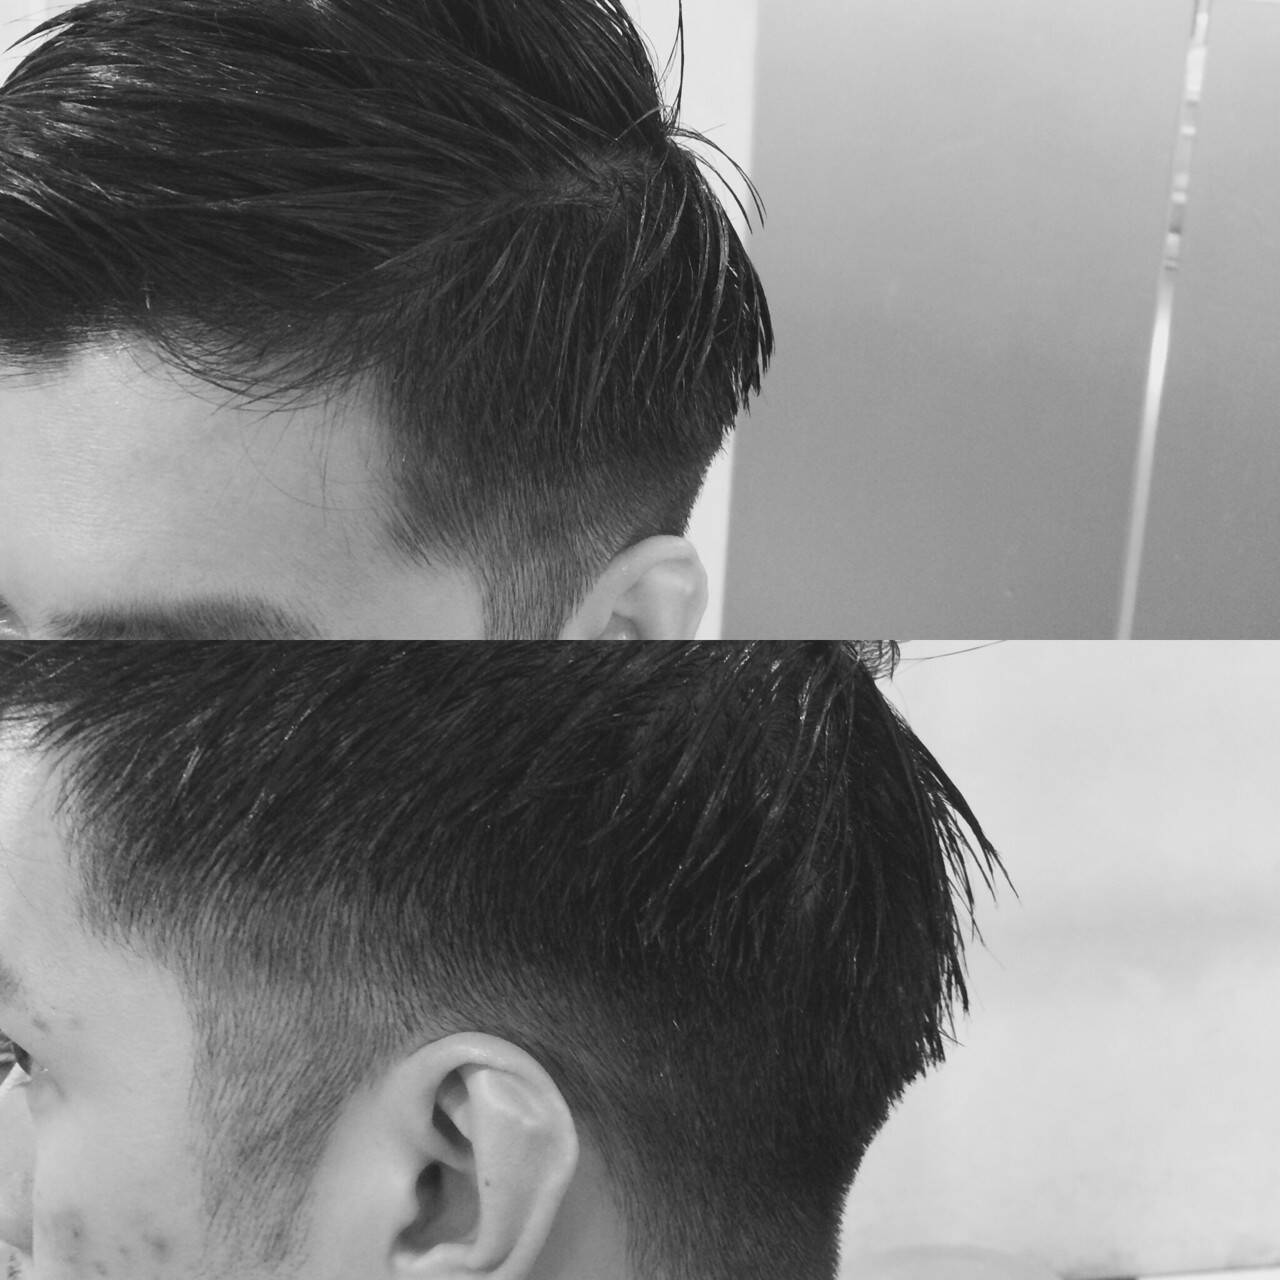 刈り上げ オフィス ボーイッシュ メンズヘアスタイルや髪型の写真・画像